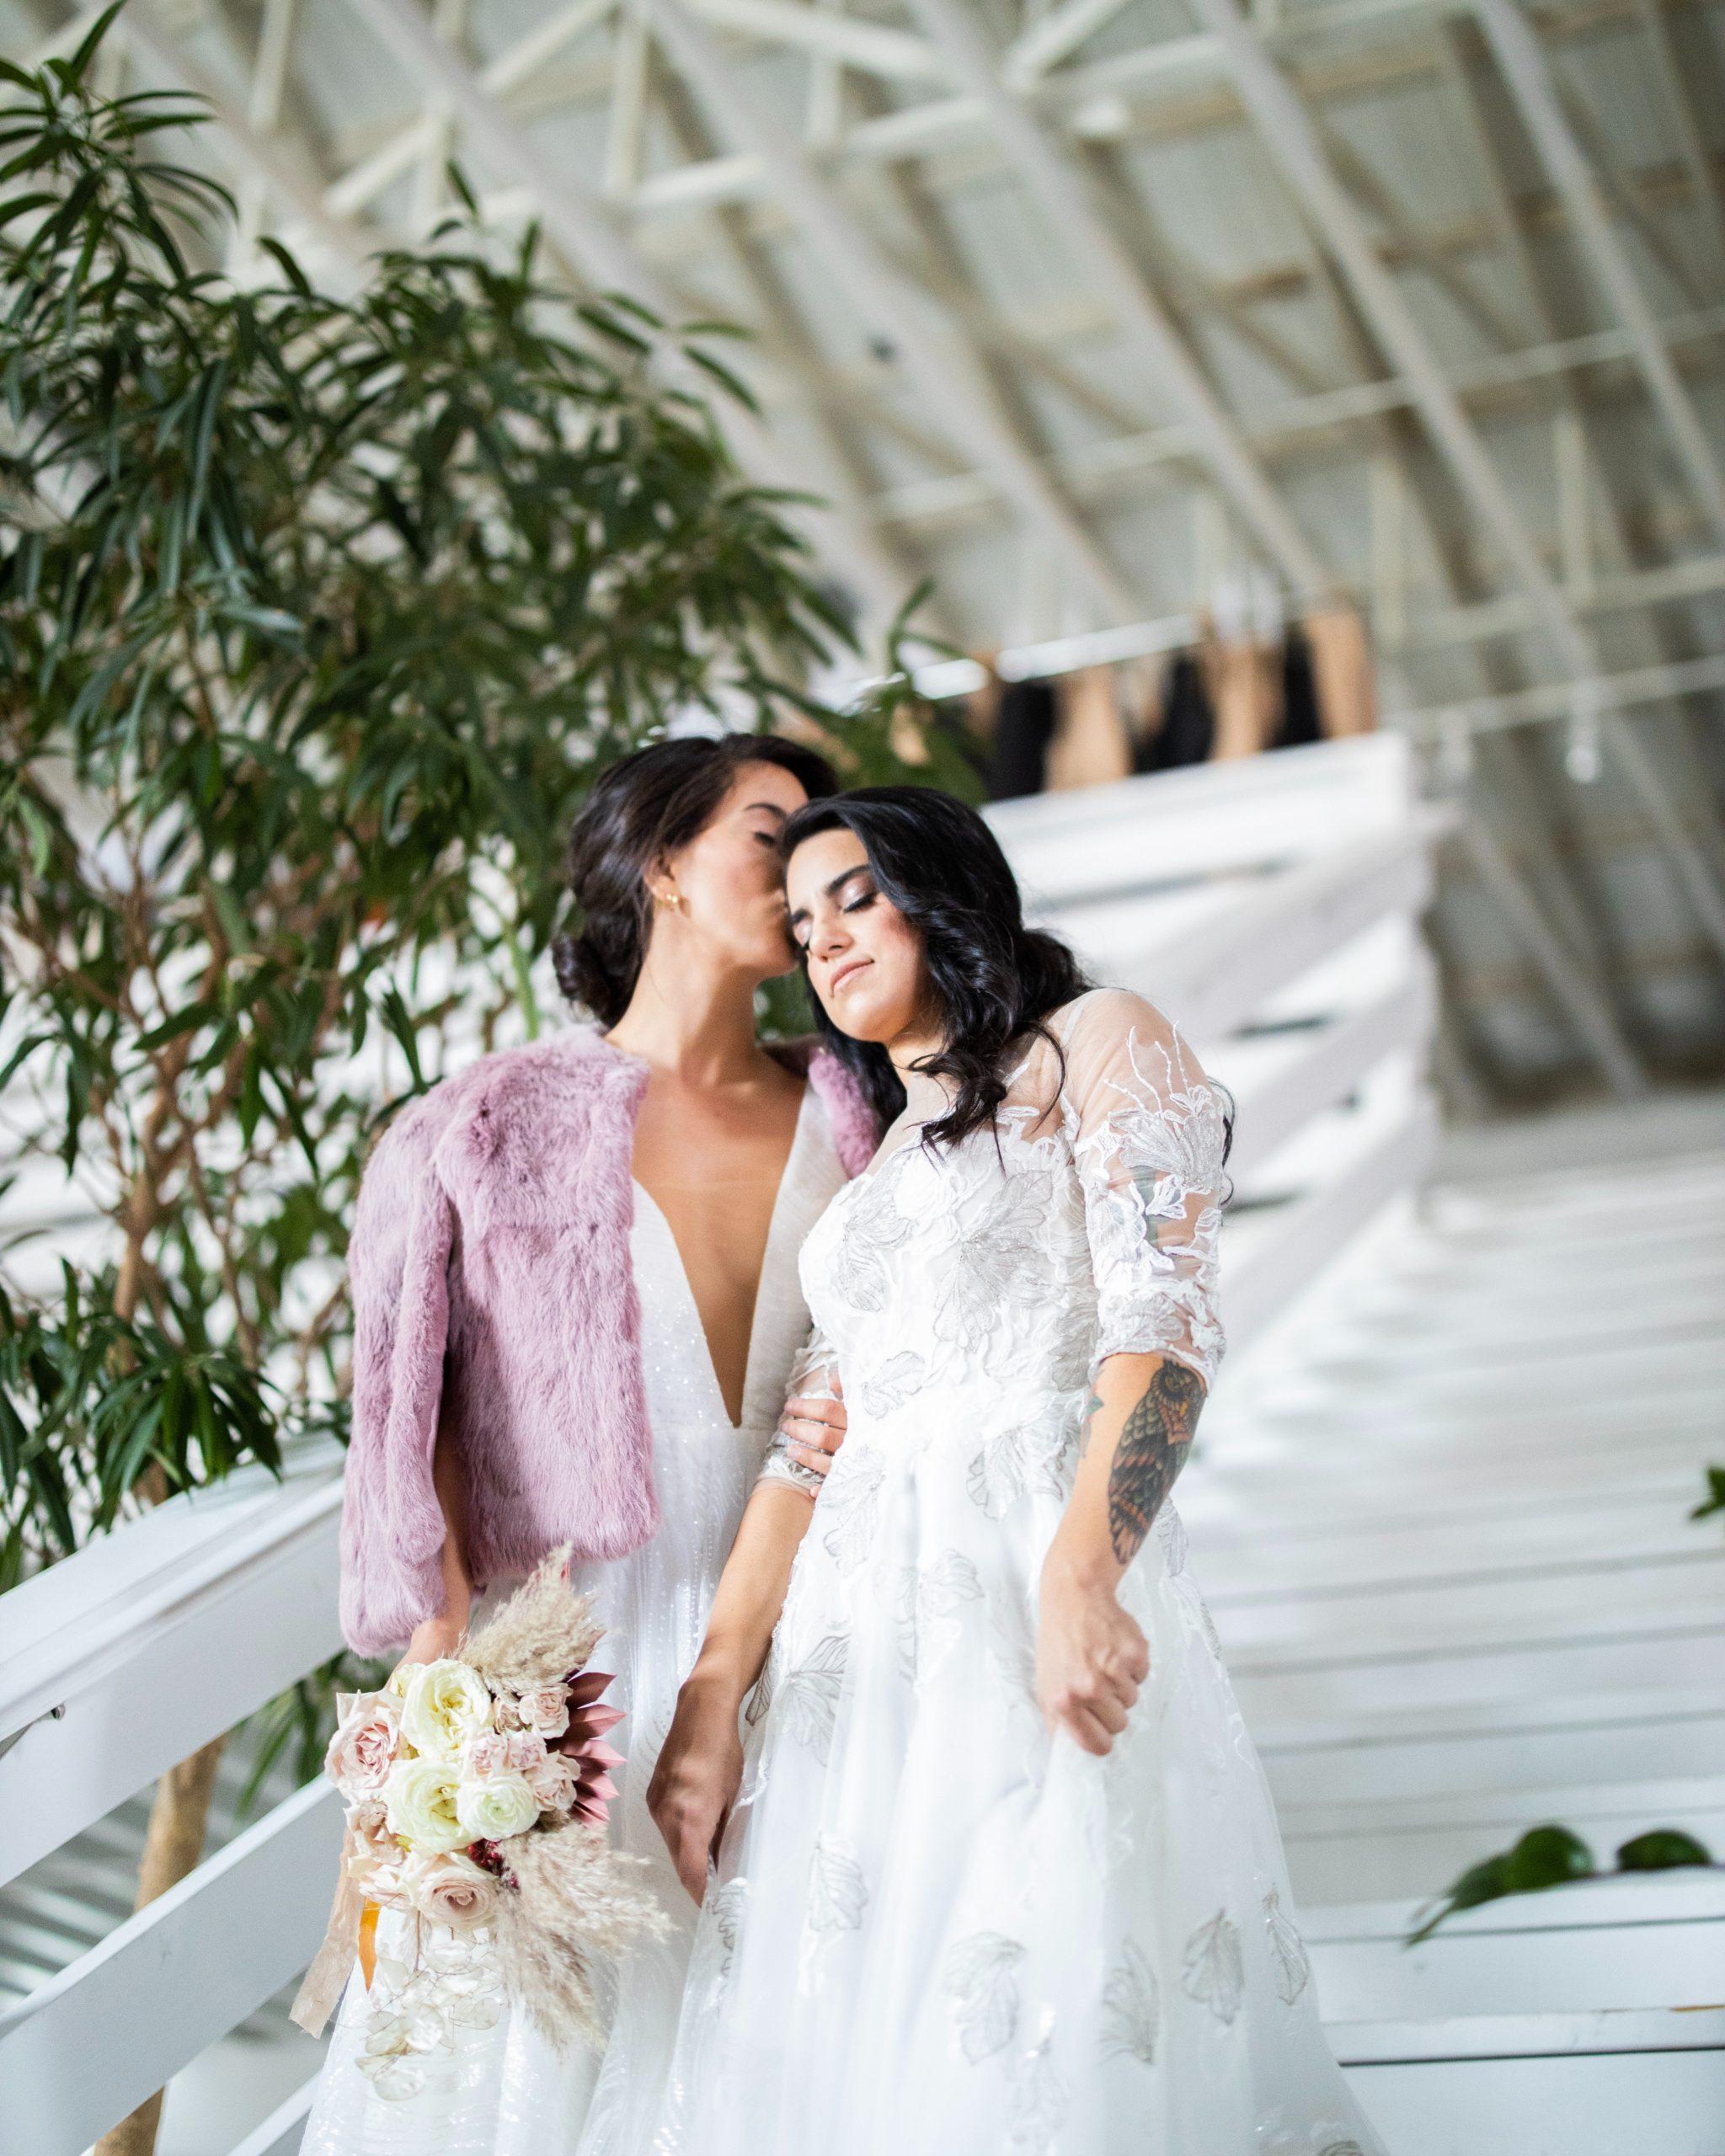 Sveitsiin tasa-arvoinen avioliittolaki